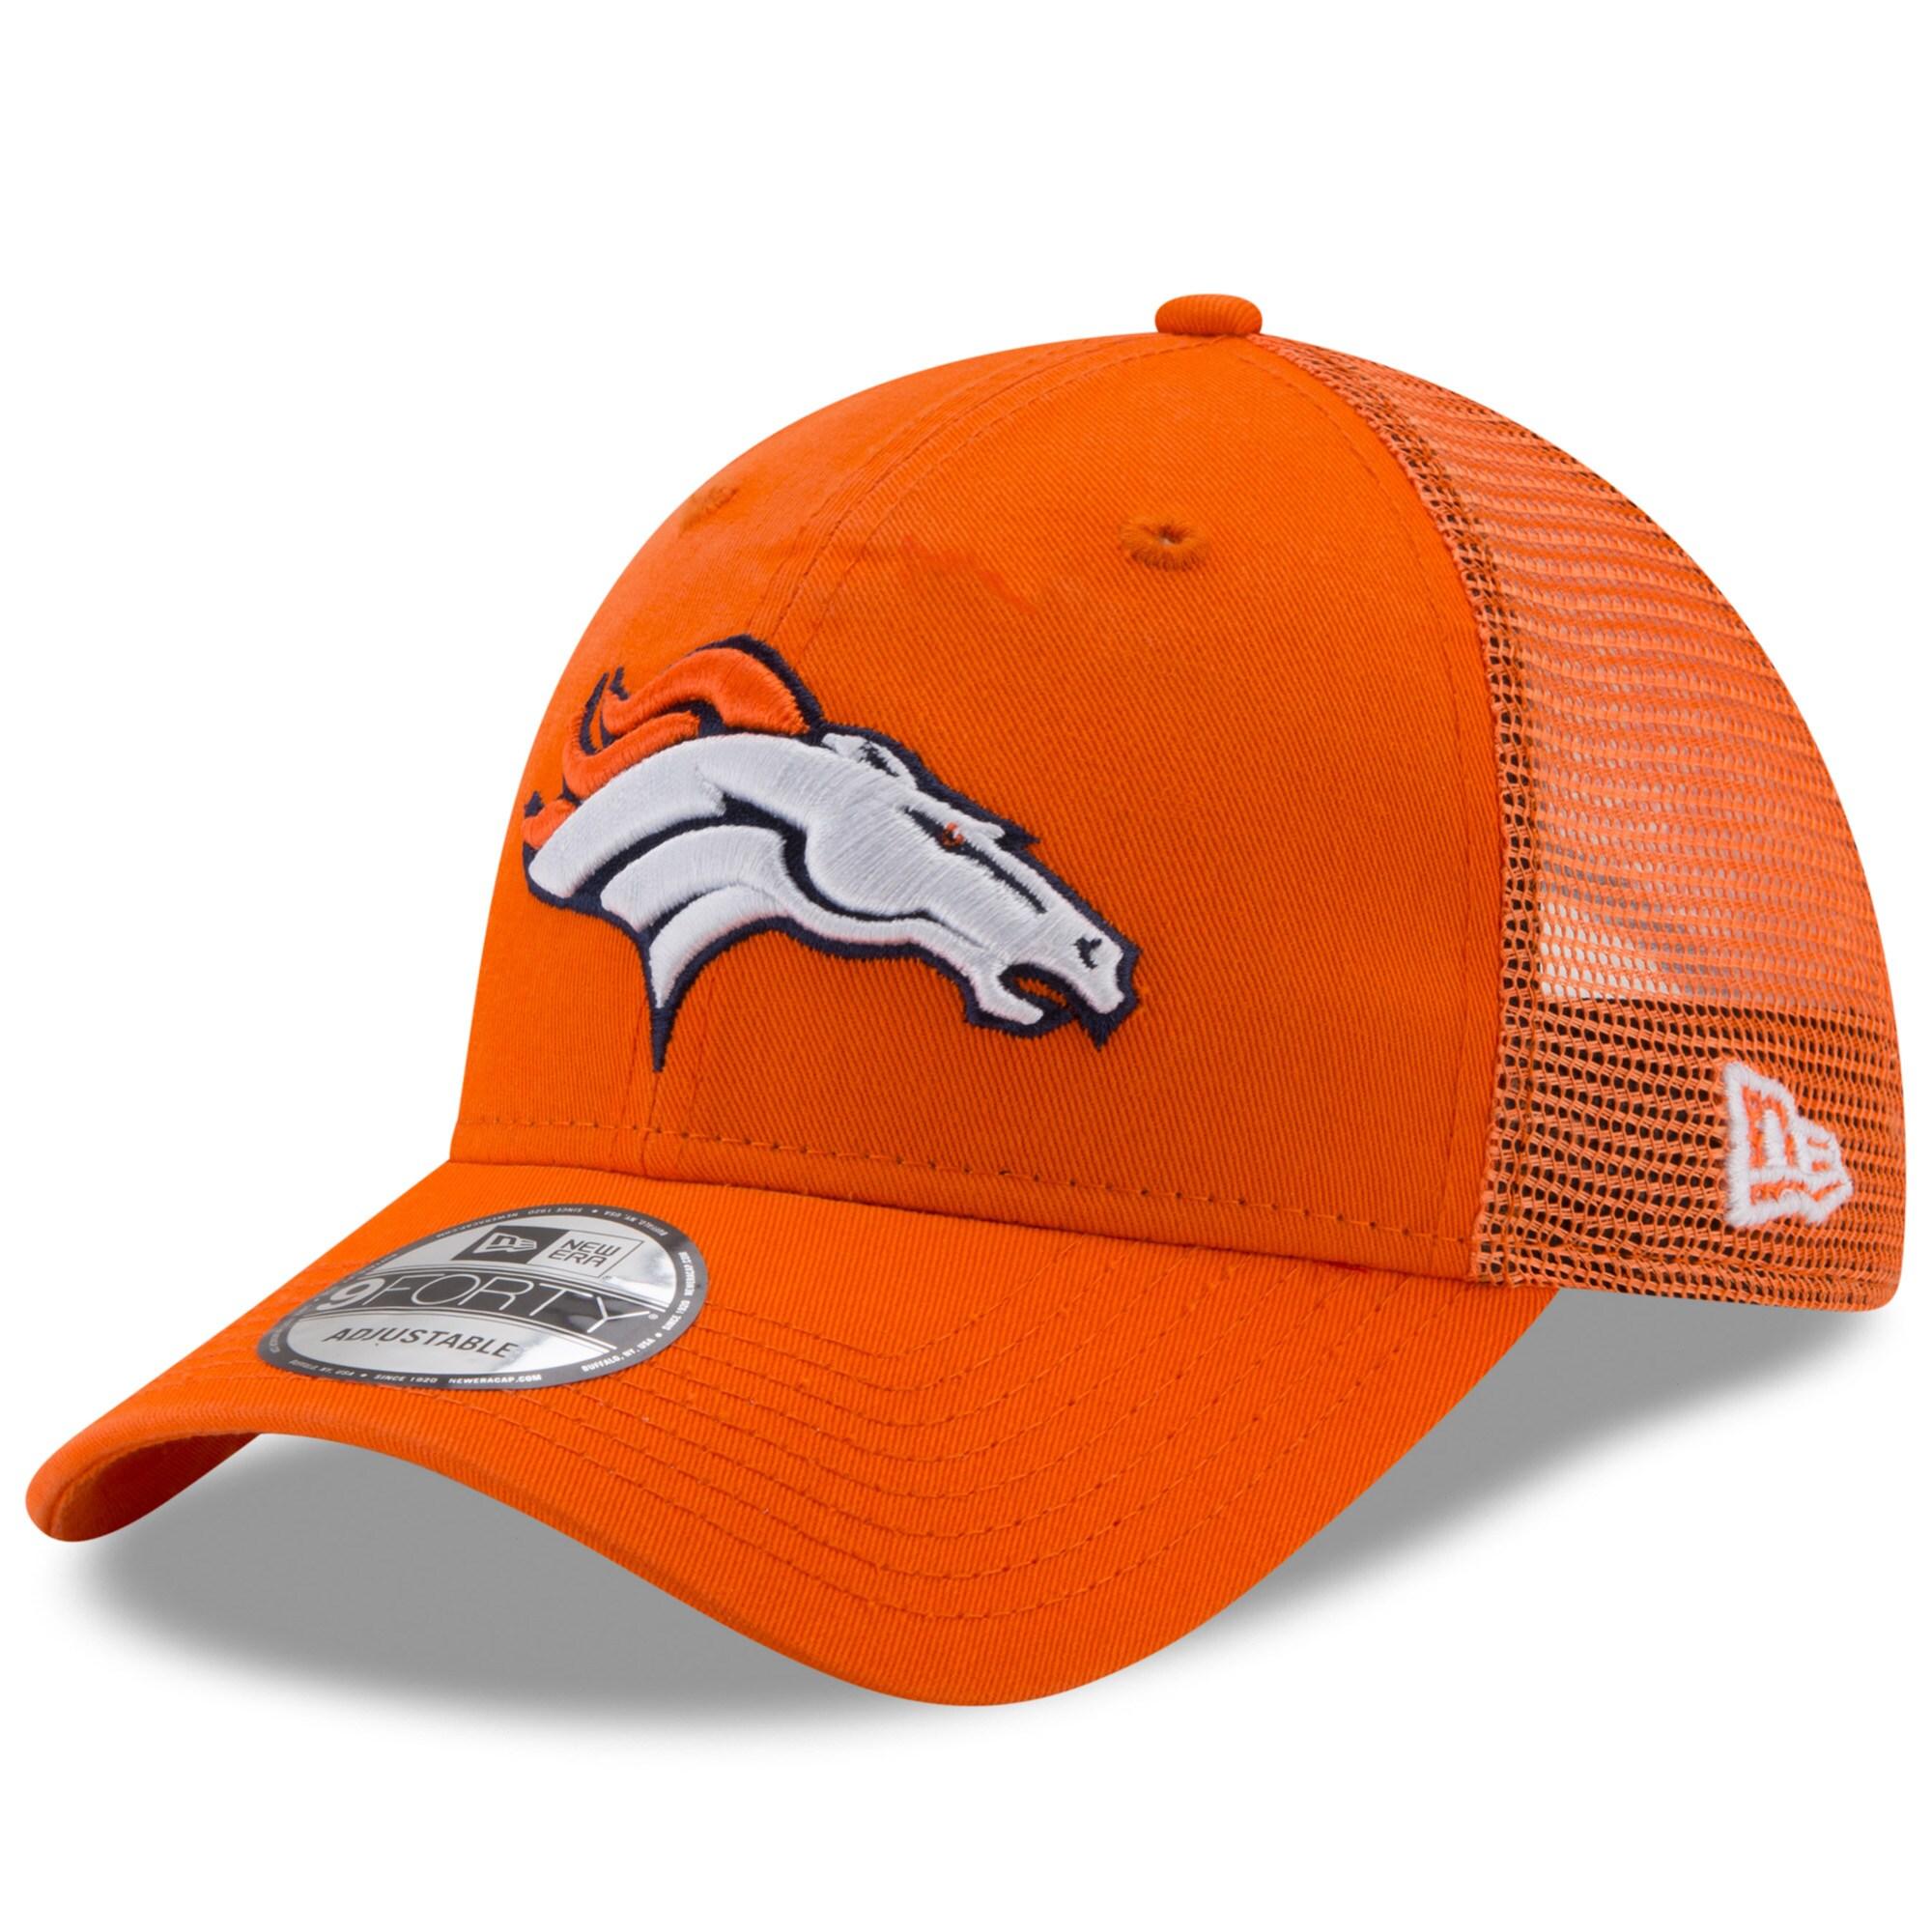 Denver Broncos New Era Trucker Washed 9FORTY Adjustable Hat - Orange